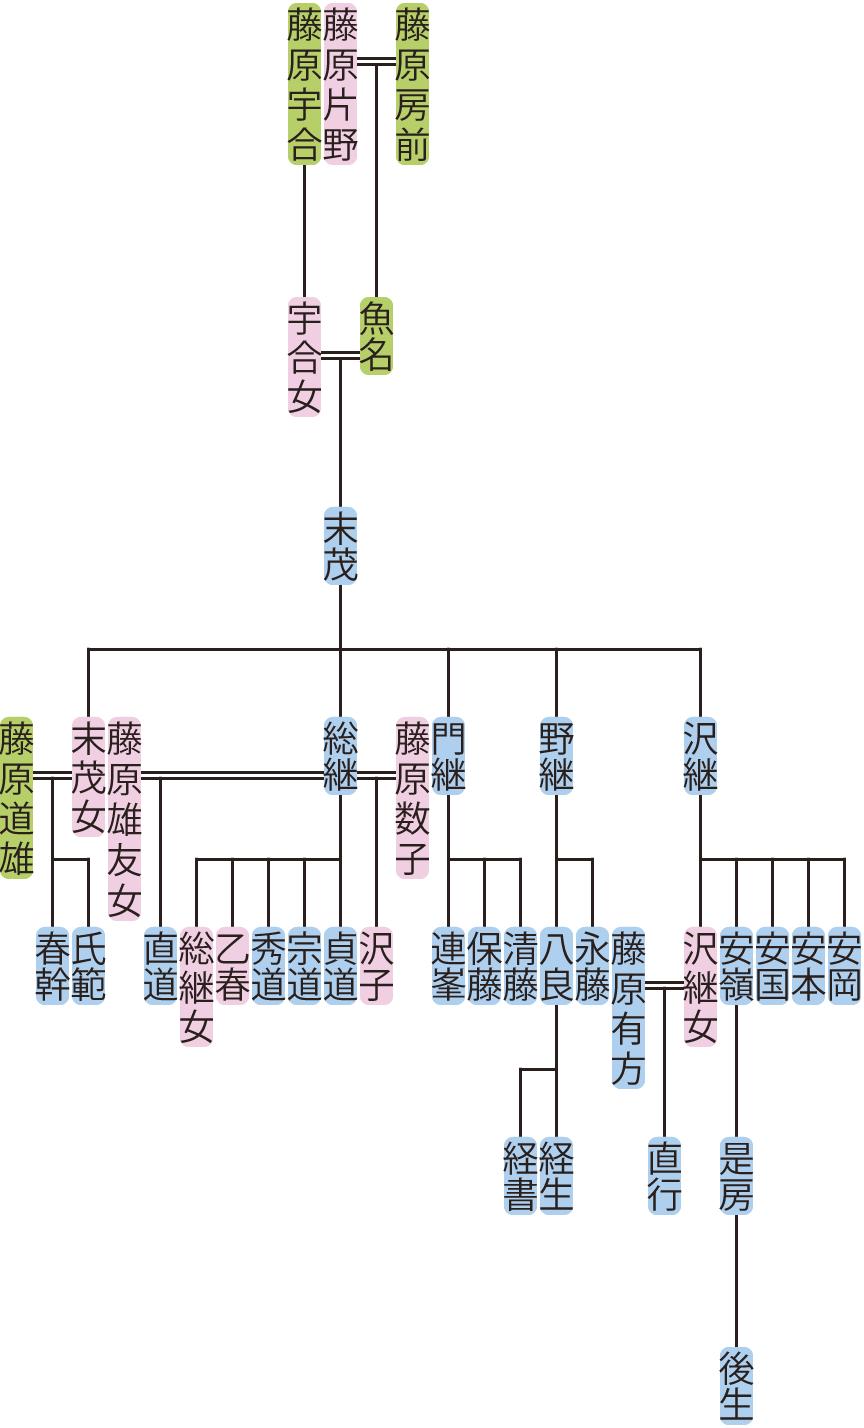 藤原末茂の系図